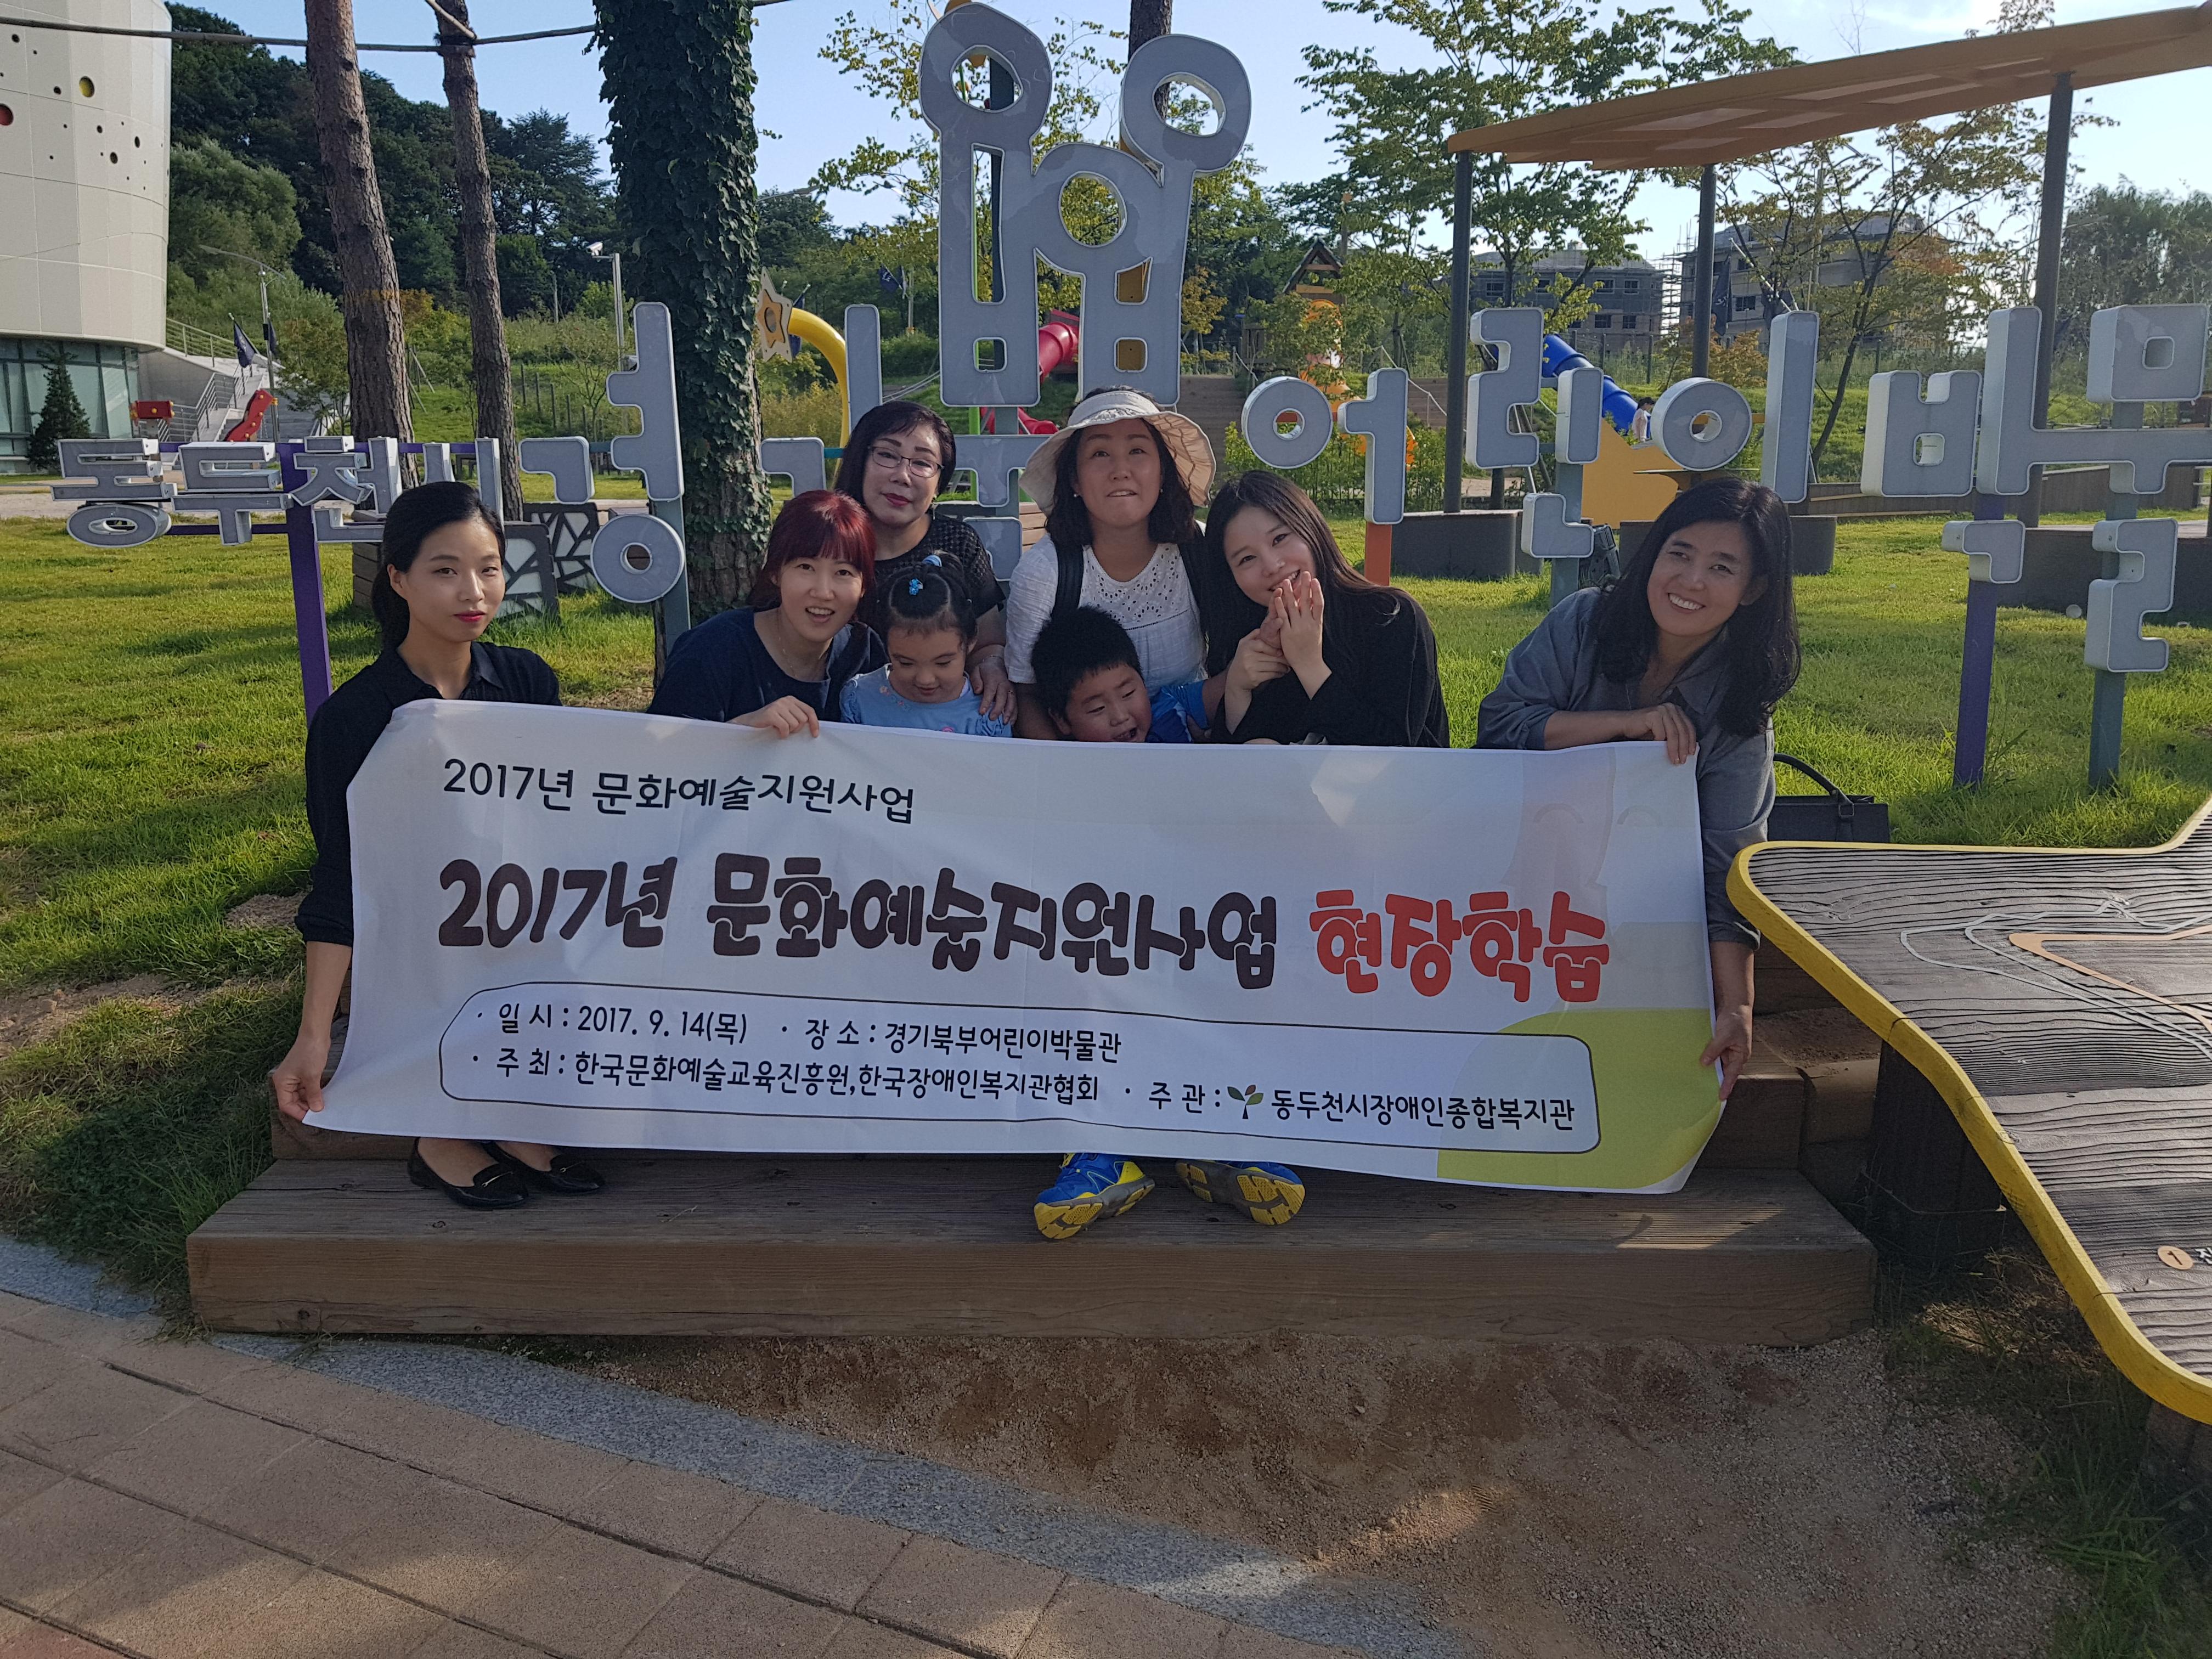 2017년 문화예술지원사업(모아음악)현장학습